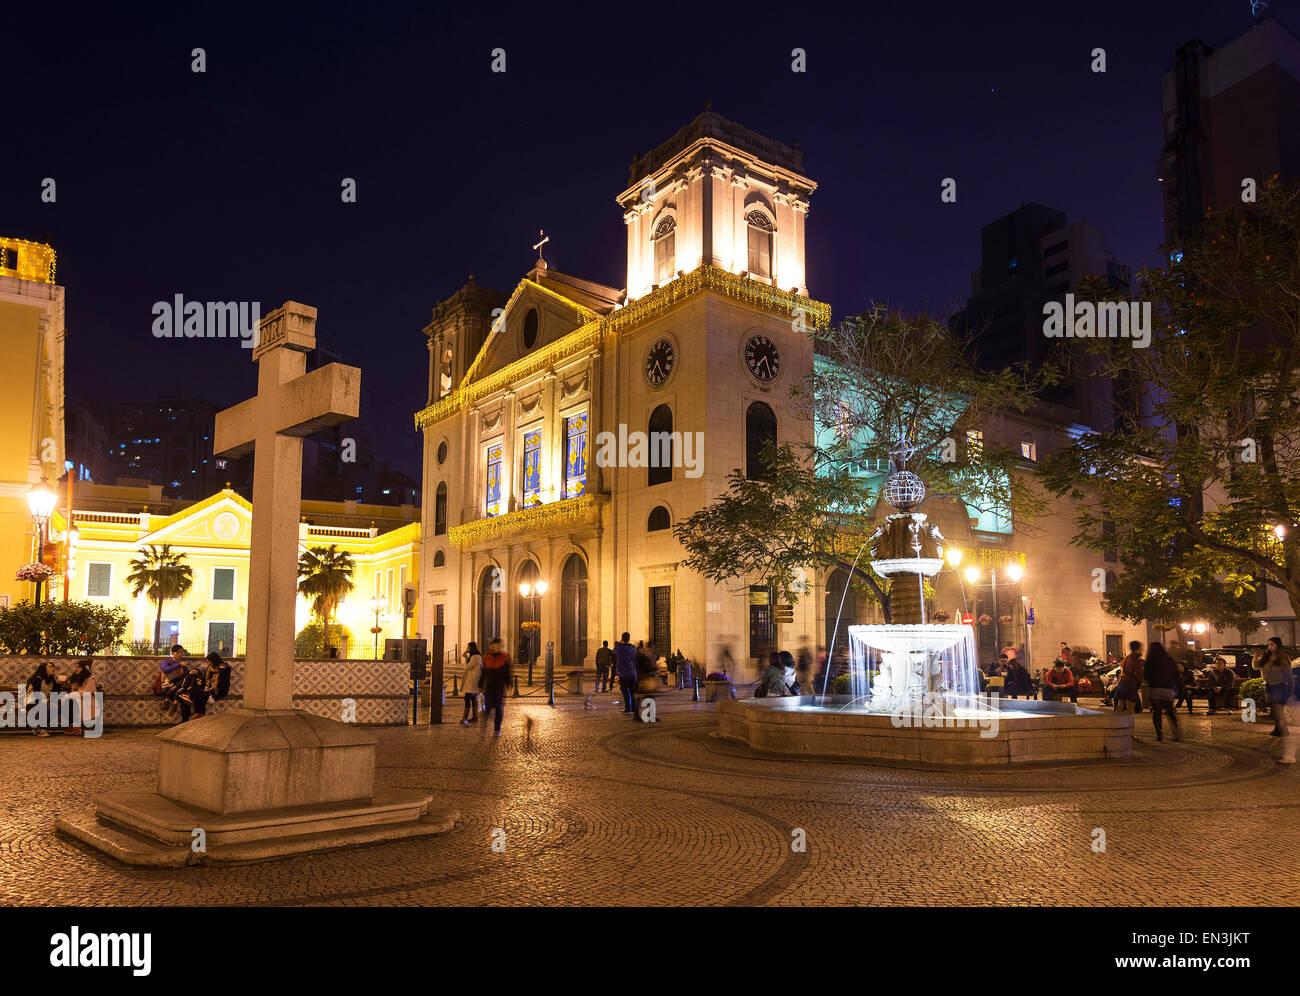 Portoghese vecchia chiesa coloniale nella piazza di Macao Macao Cina Immagini Stock